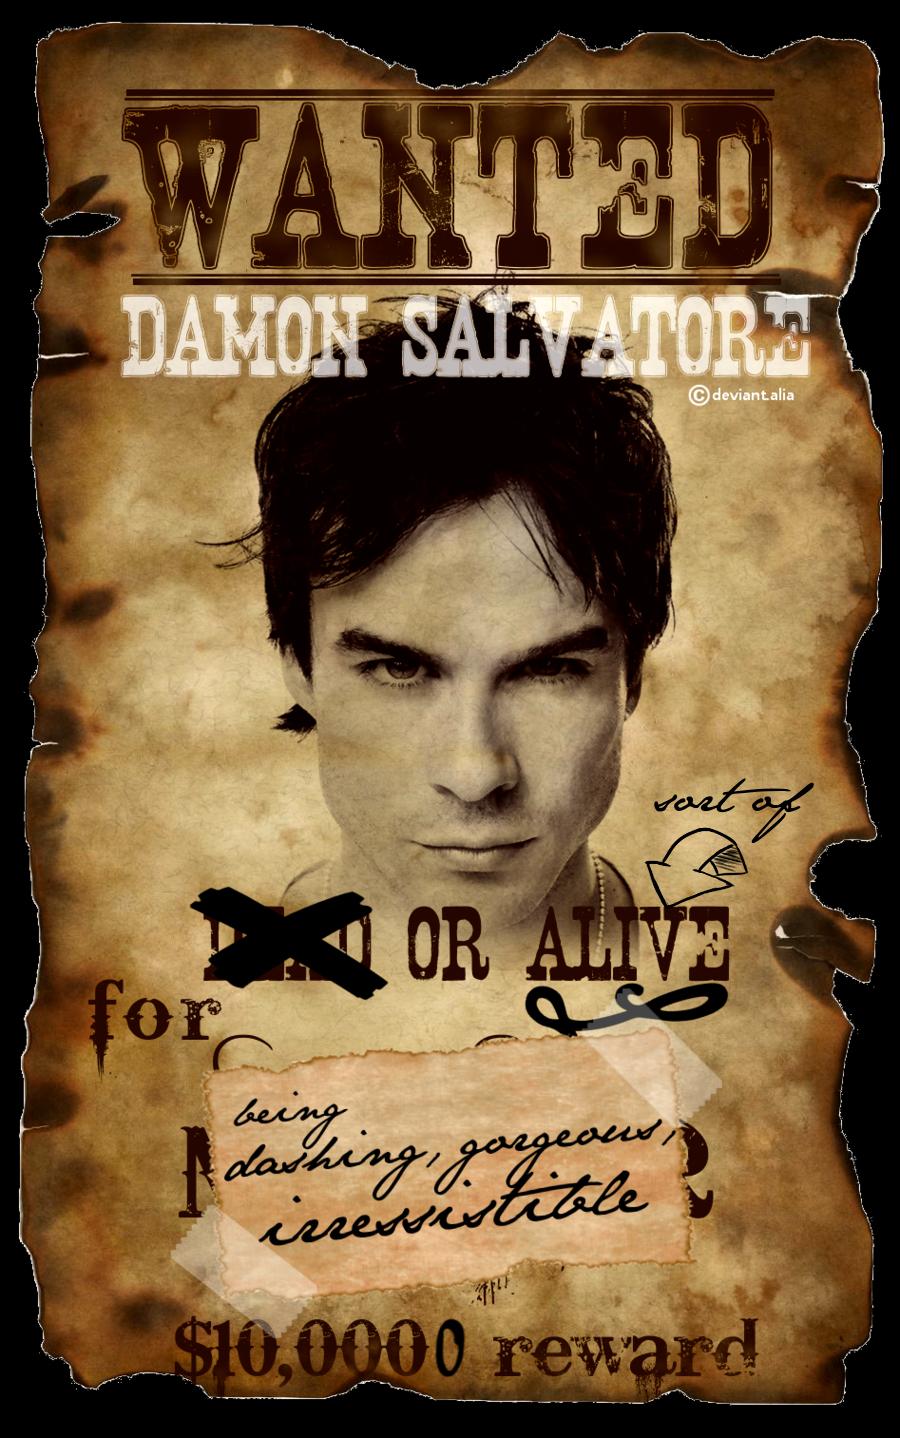 Huntress Of Books Fictionalboyfriend Damon Salvatore